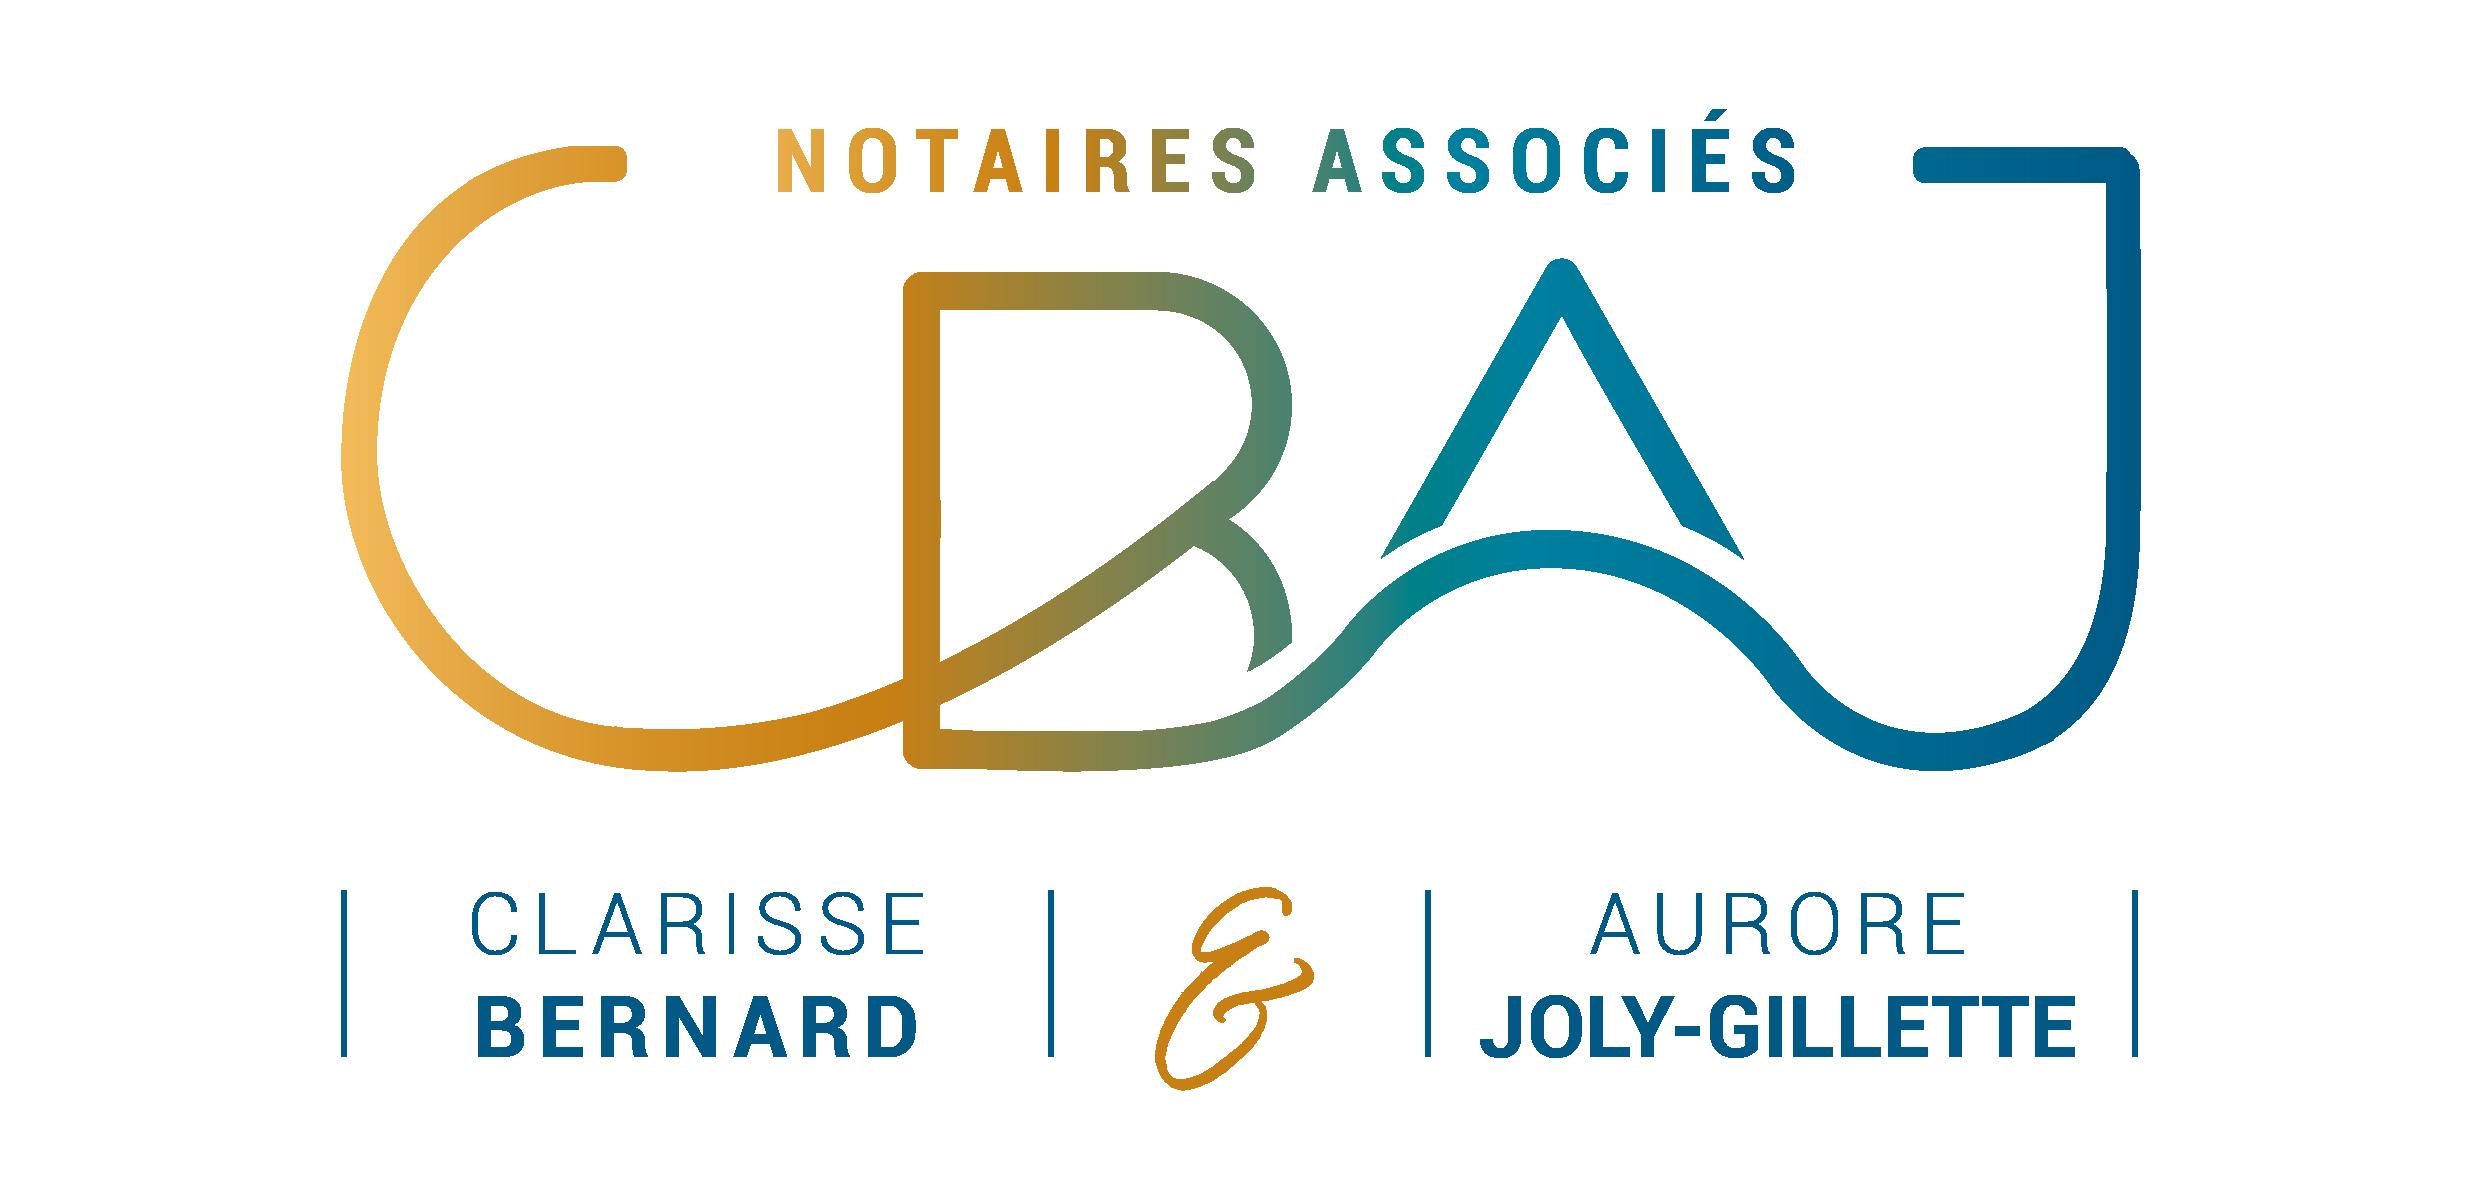 notaire orléans bernard joly gillette